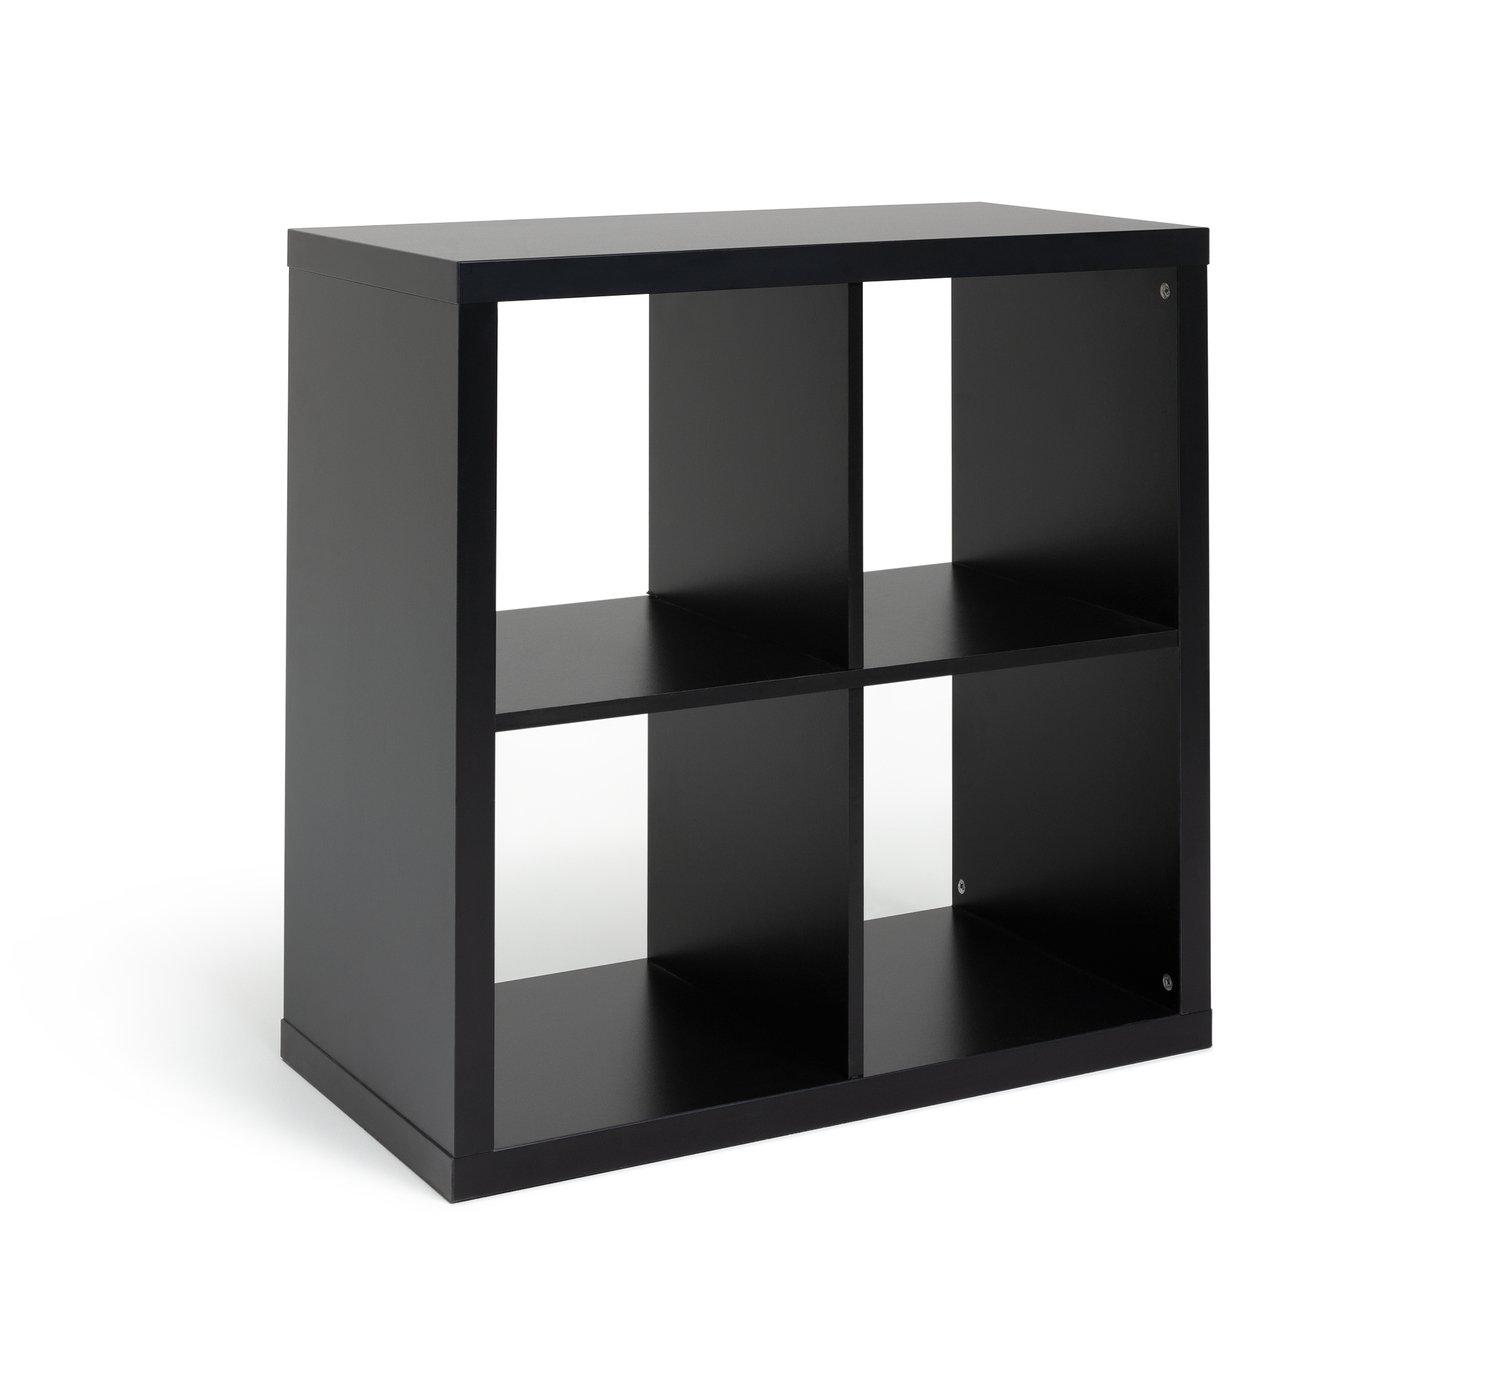 Hygena Squares Plus 4 Cube Storage Unit - Black at Argos